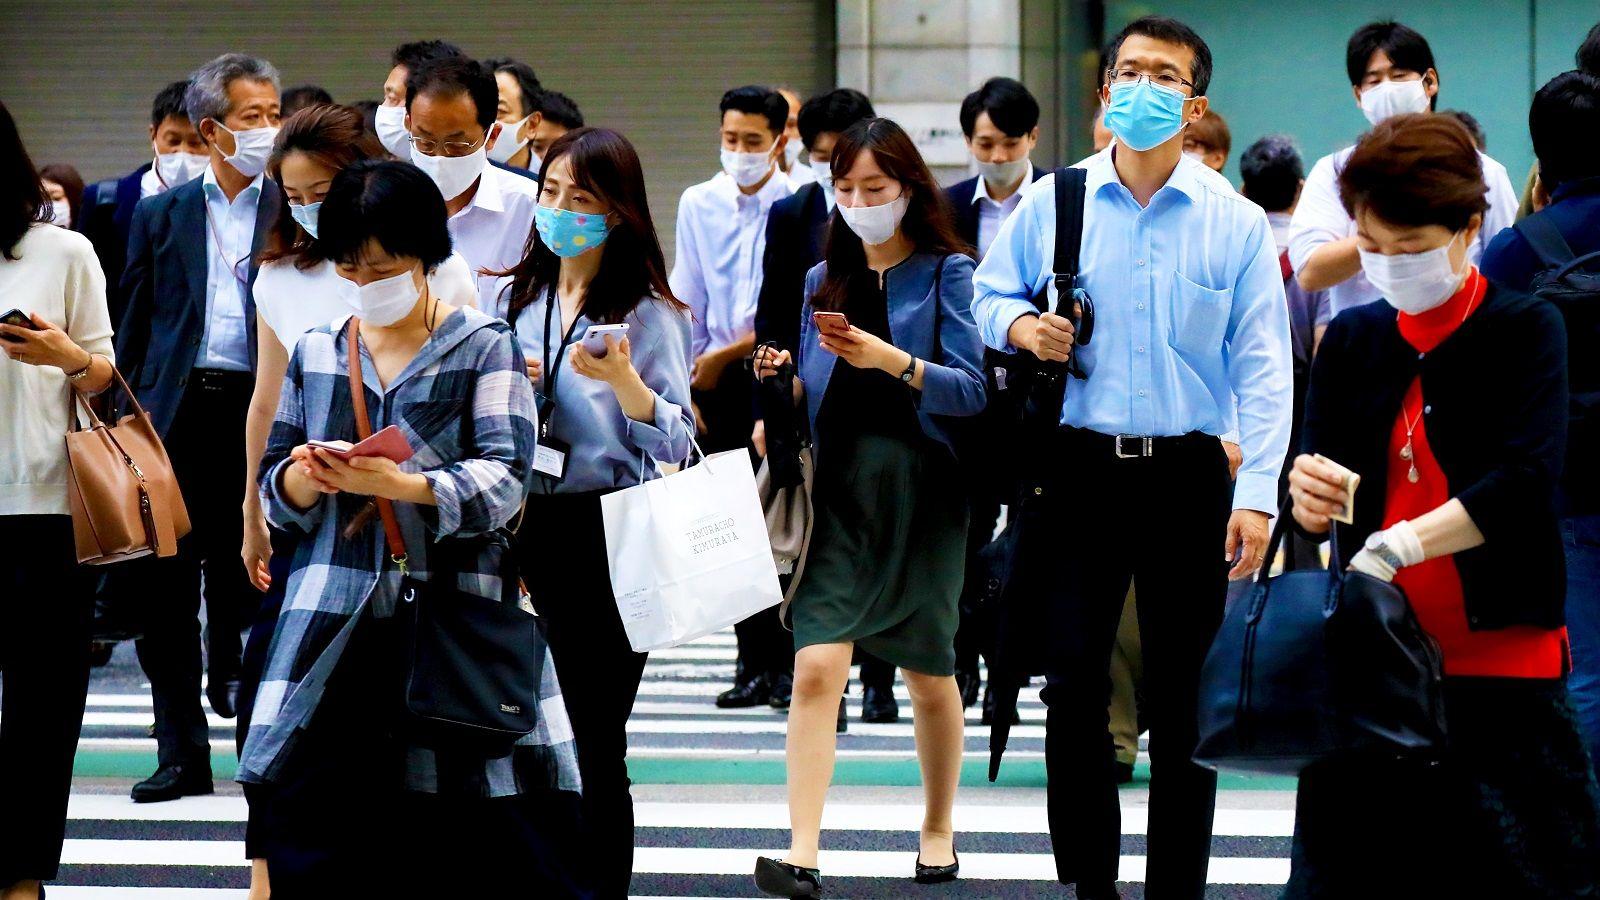 市 者 横須賀 数 感染 速報 コロナ